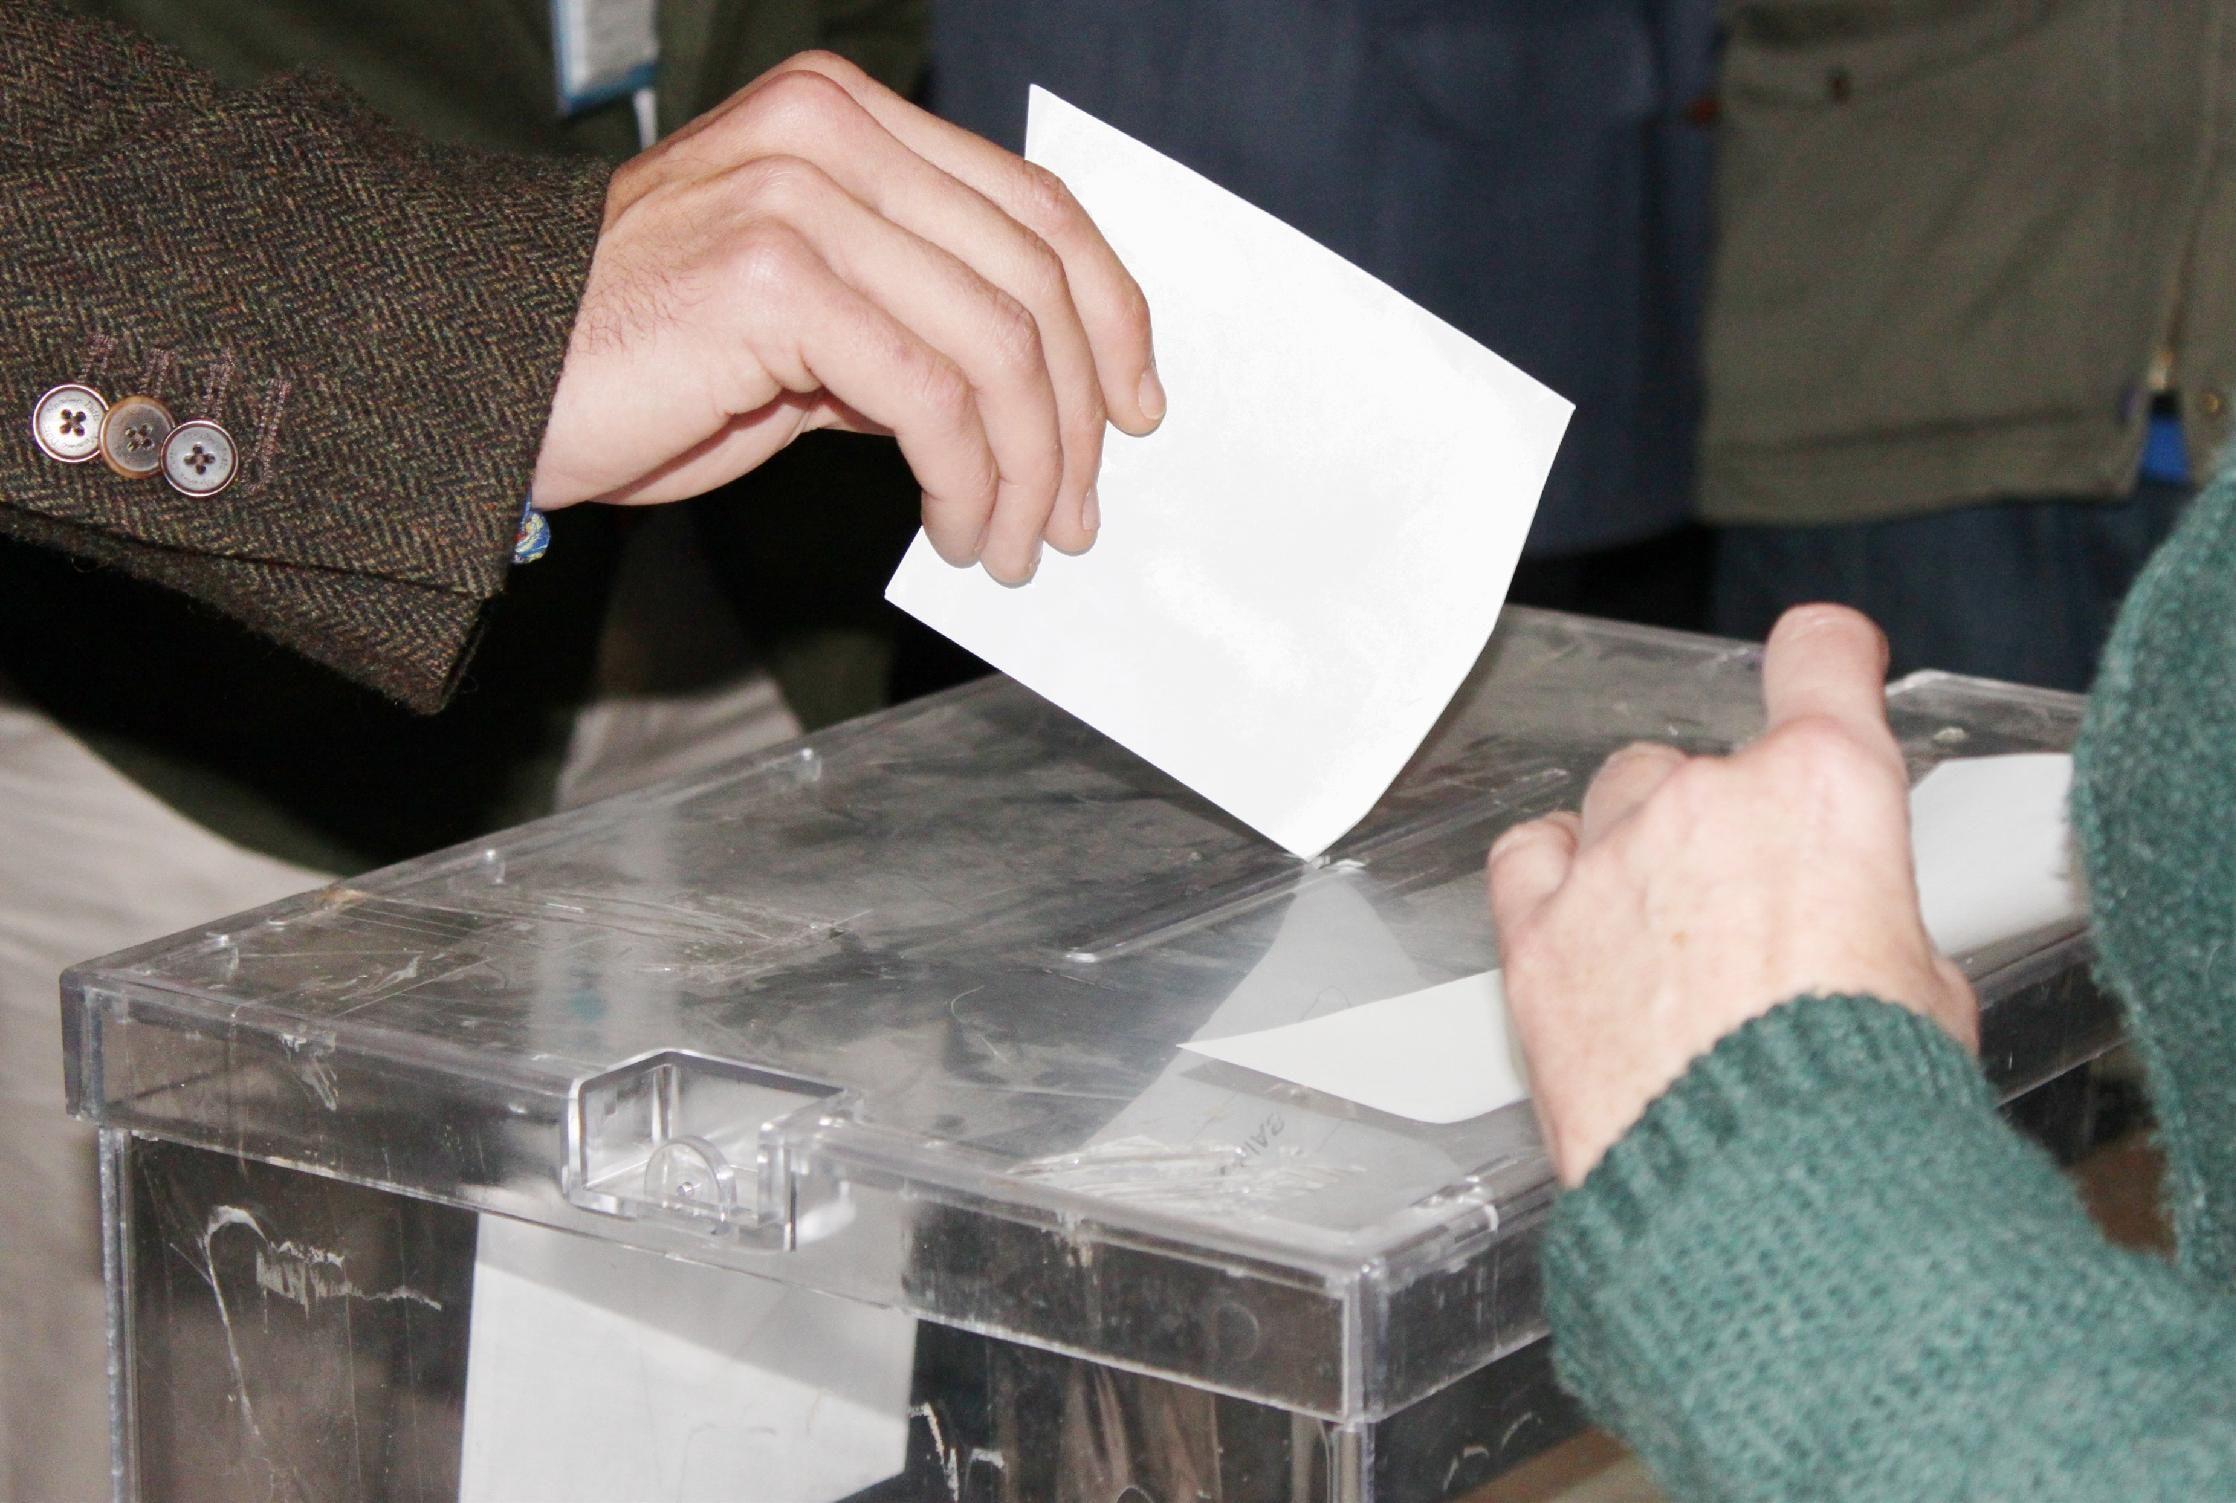 Elecciones autonómicas y municipales. El bipartidismo resistirá con pactos, según las últimas encuestas